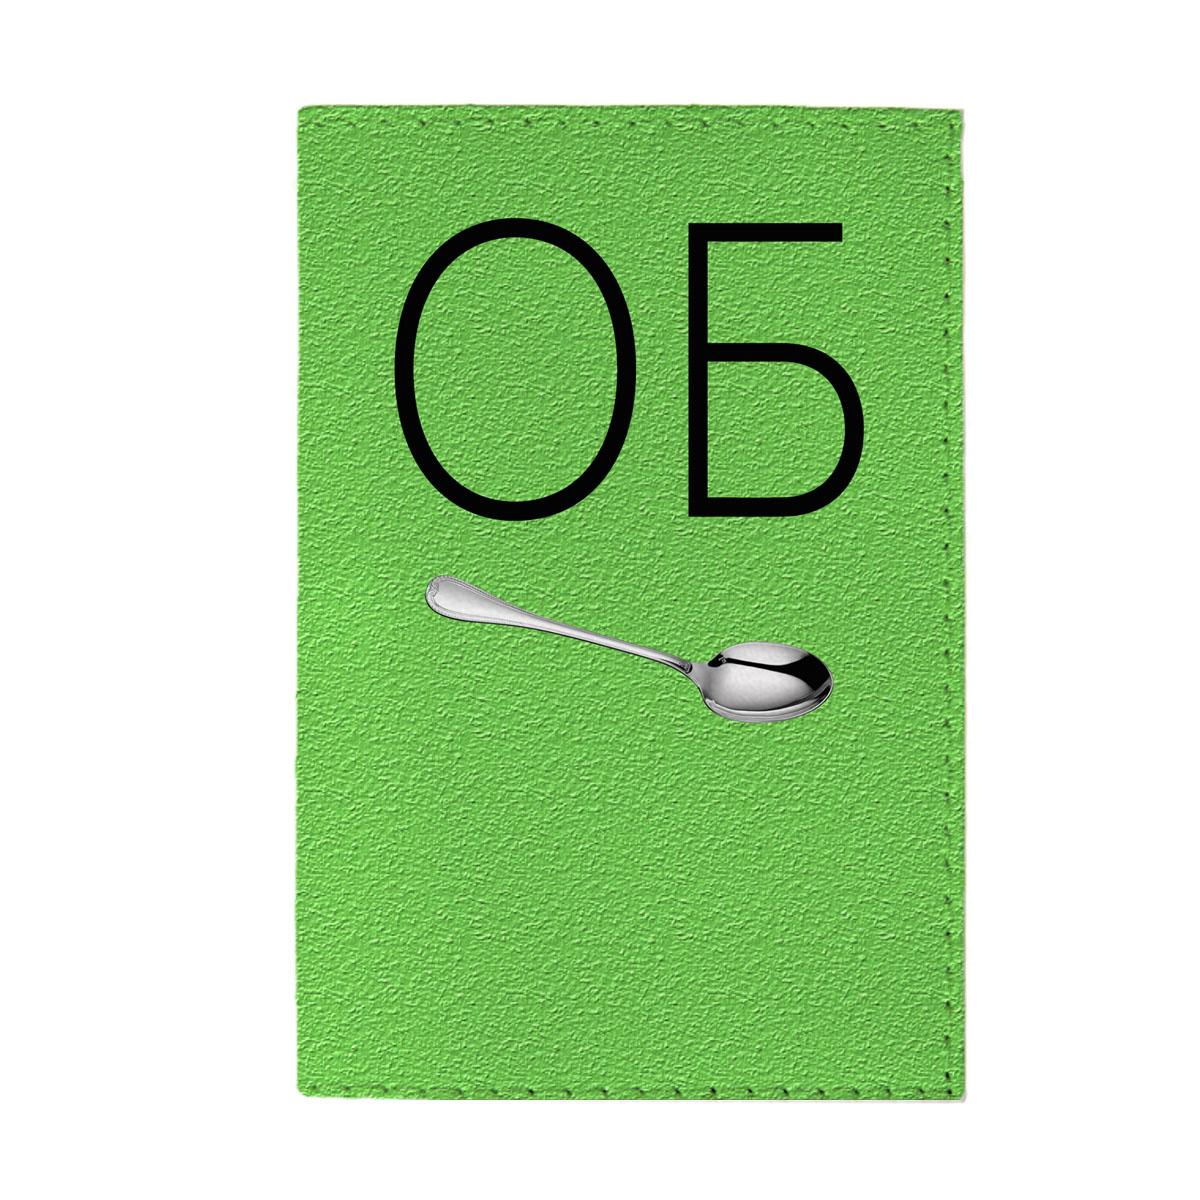 Обложка для паспорта Mitya Veselkov Ребус, цвет: зеленый. OZAM410ПВХ (поливинилхлорид)Обложка для паспорта Mitya Veselkov Ребус не только поможет сохранить внешний вид ваших документов и защитить их от повреждений, но и станет стильным аксессуаром, идеально подходящим вашему образу.Она выполнена из поливинилхлорида, внутри имеет два вертикальных кармашка из прозрачного пластика.Такая обложка поможет вам подчеркнуть свою индивидуальность и неповторимость!Обложка для паспорта стильного дизайна может быть достойным и оригинальным подарком.